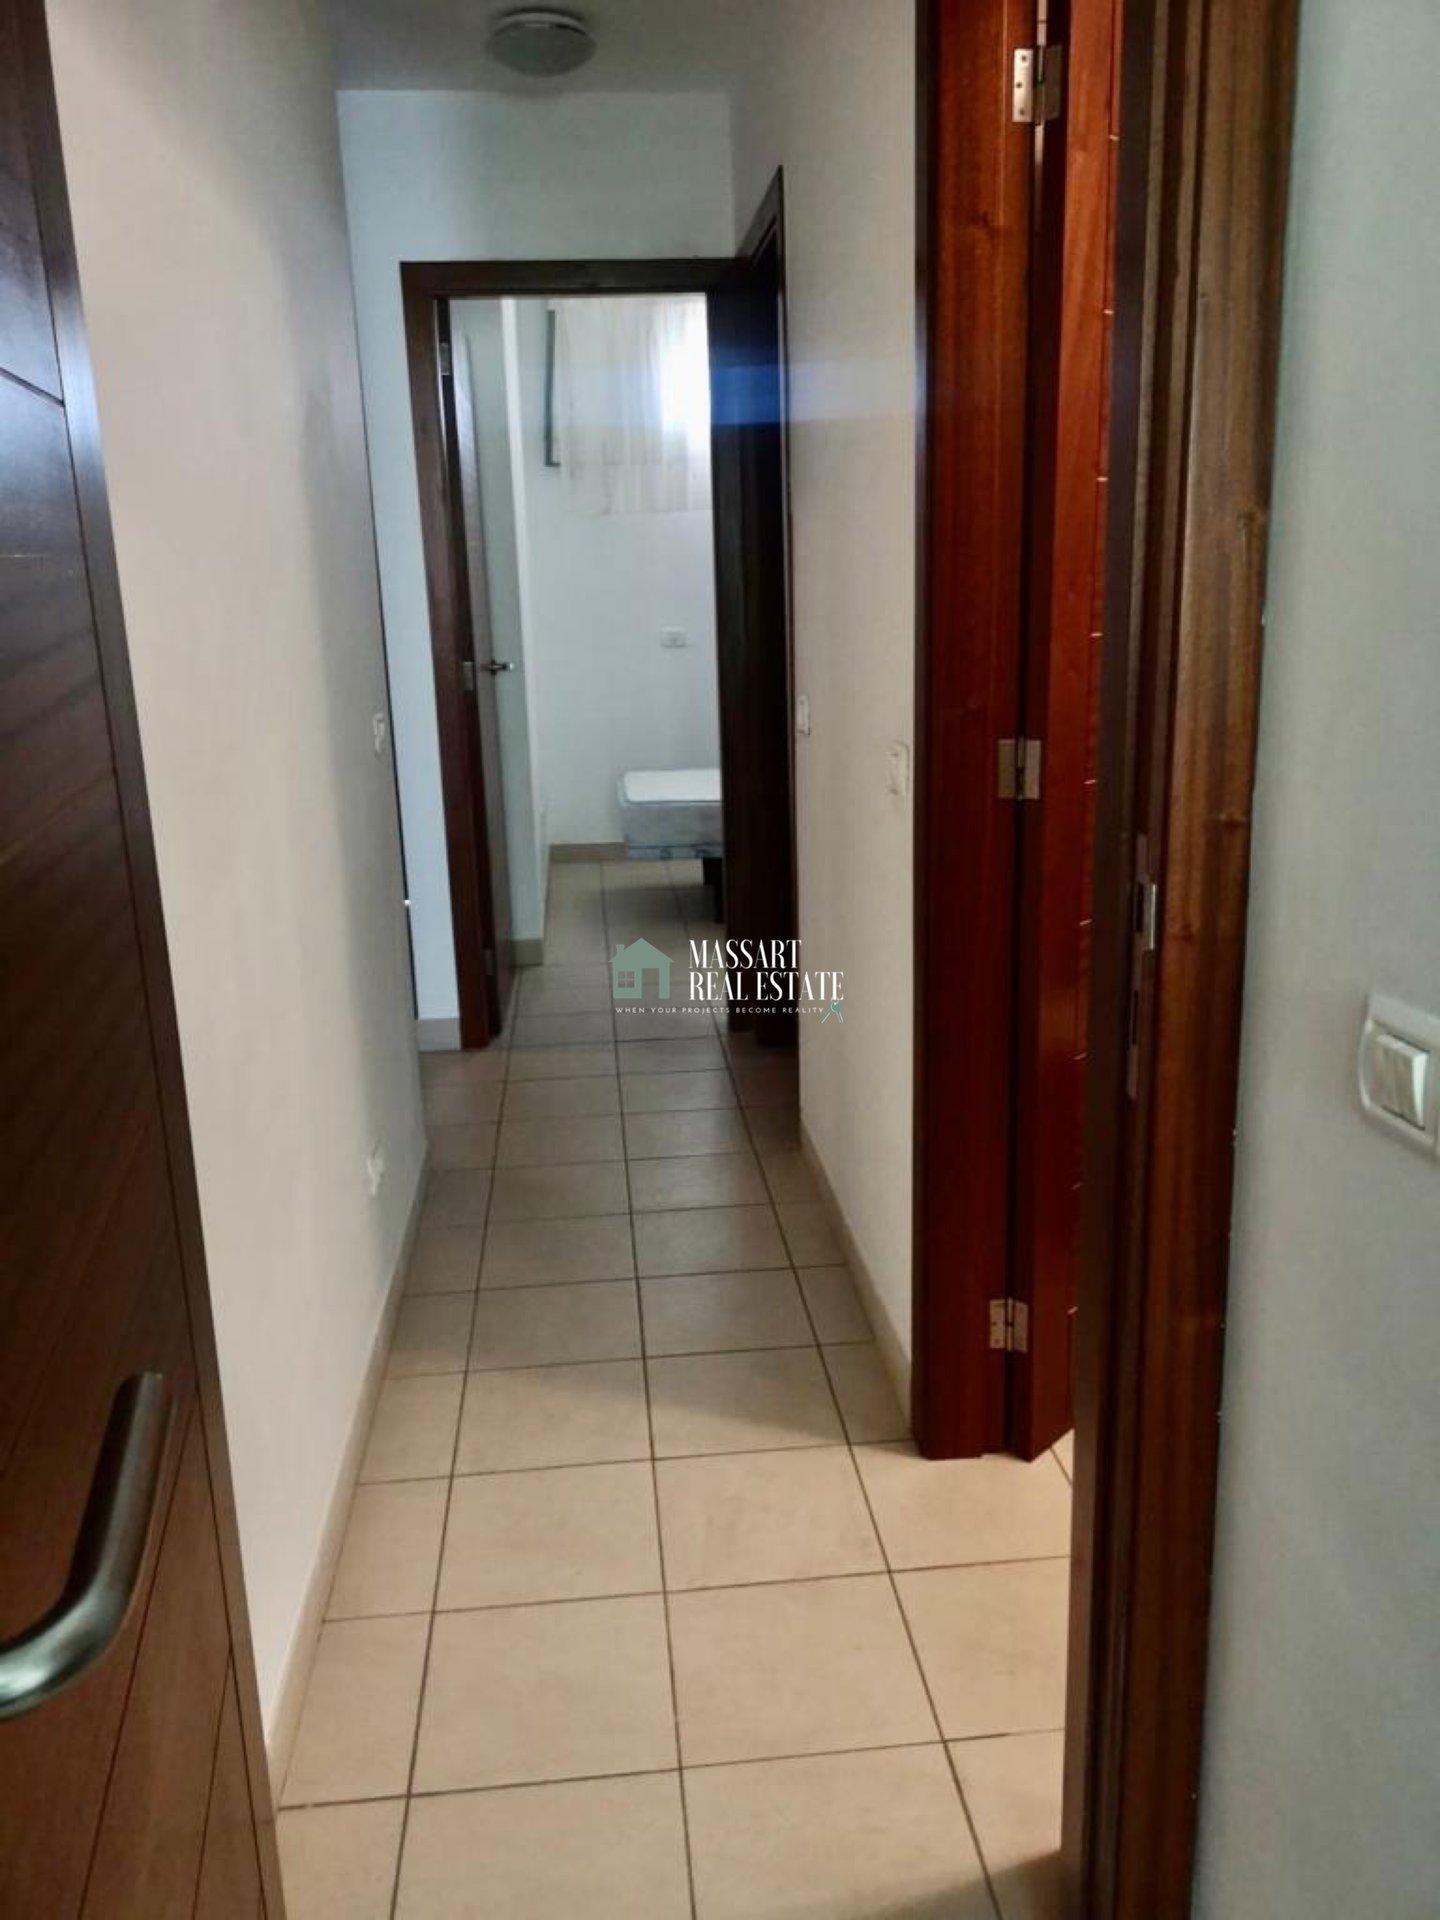 Te huur in een centraal gedeelte van San Isidro, licht appartement gekenmerkt door zijn complete uitrusting en zijn goede staat van instandhouding.